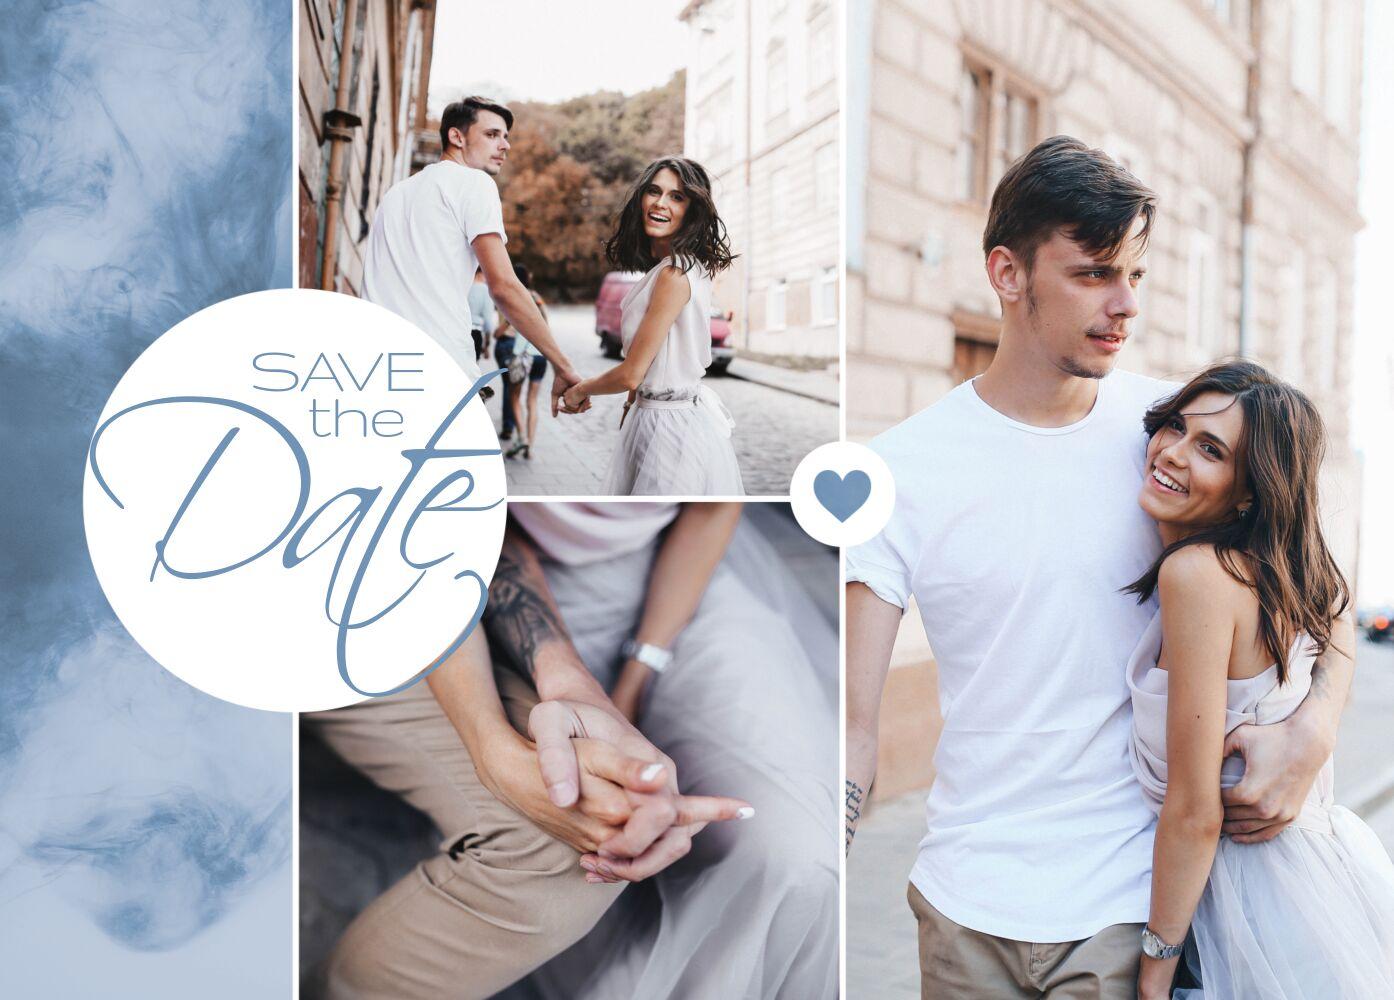 Ansicht 2 - Hochzeit Save-the-Date Sanft